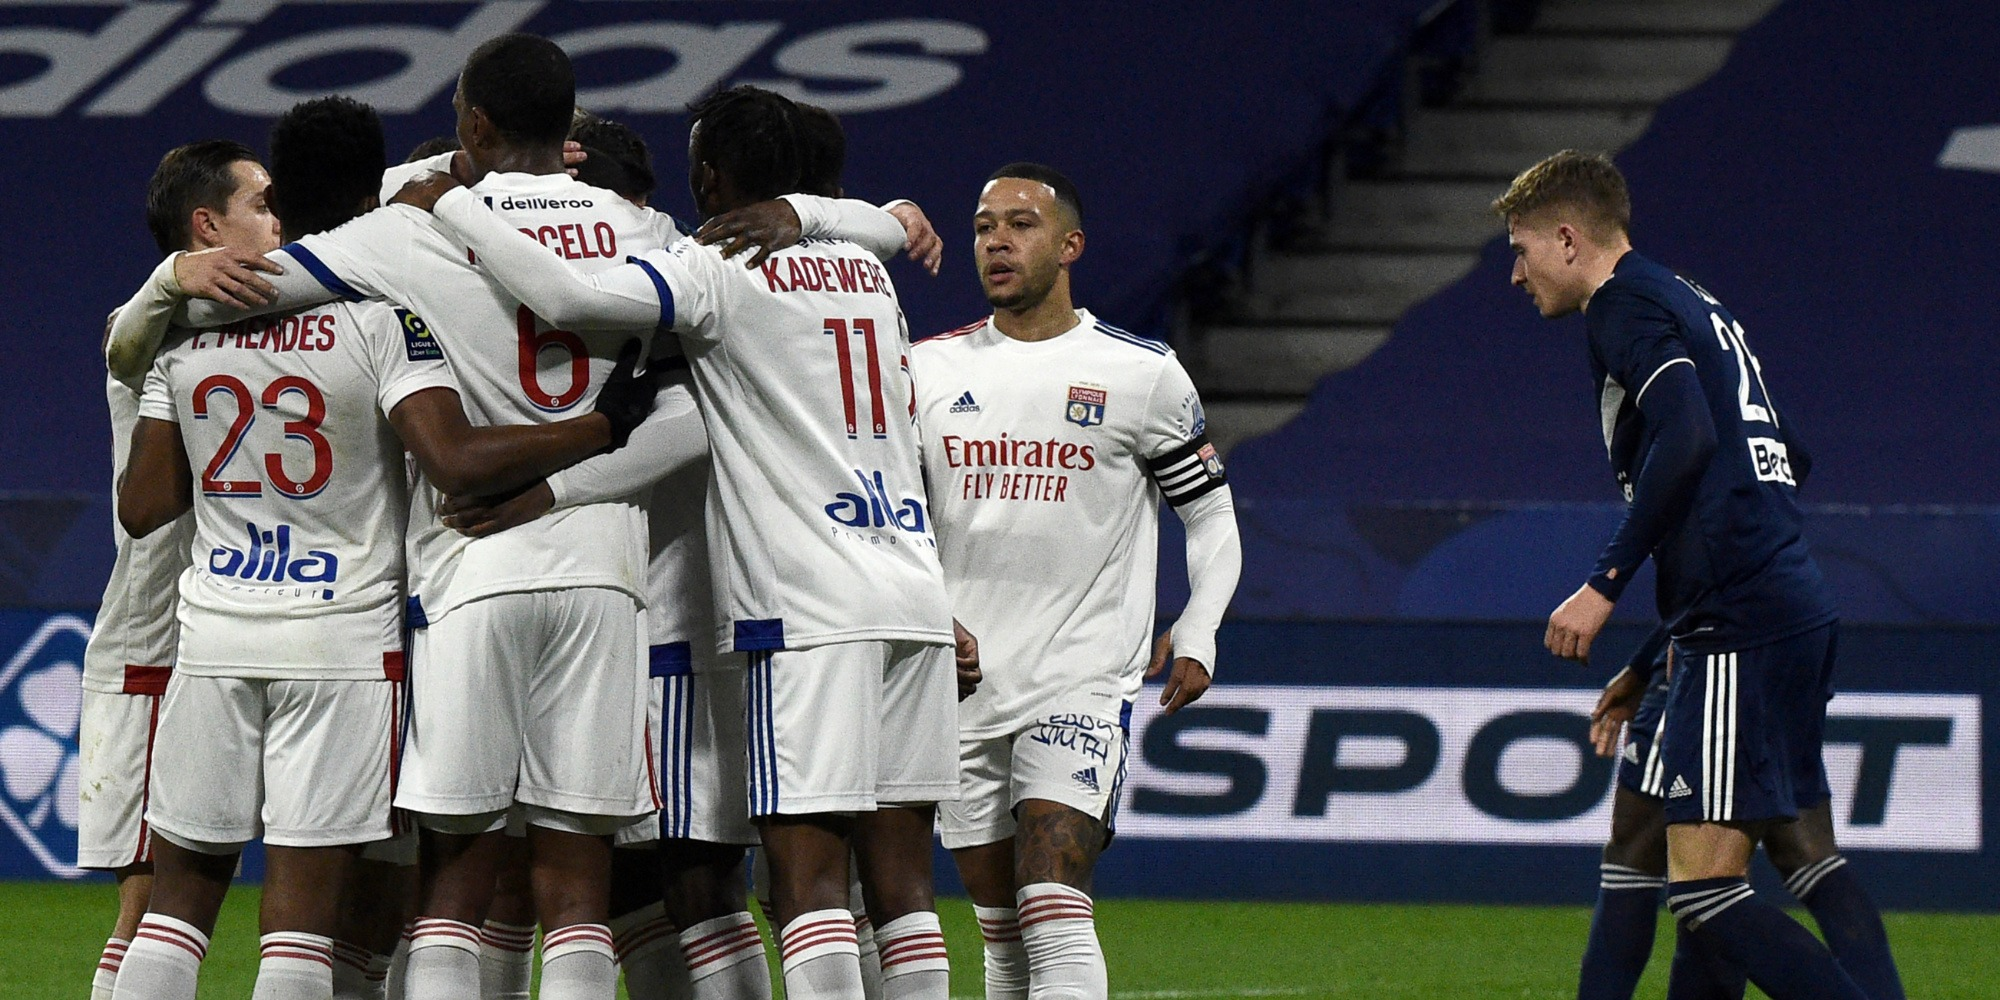 Ligue 1: Lyon domine Lorient 4-1 et remonte sur le podium, Monaco sous pression